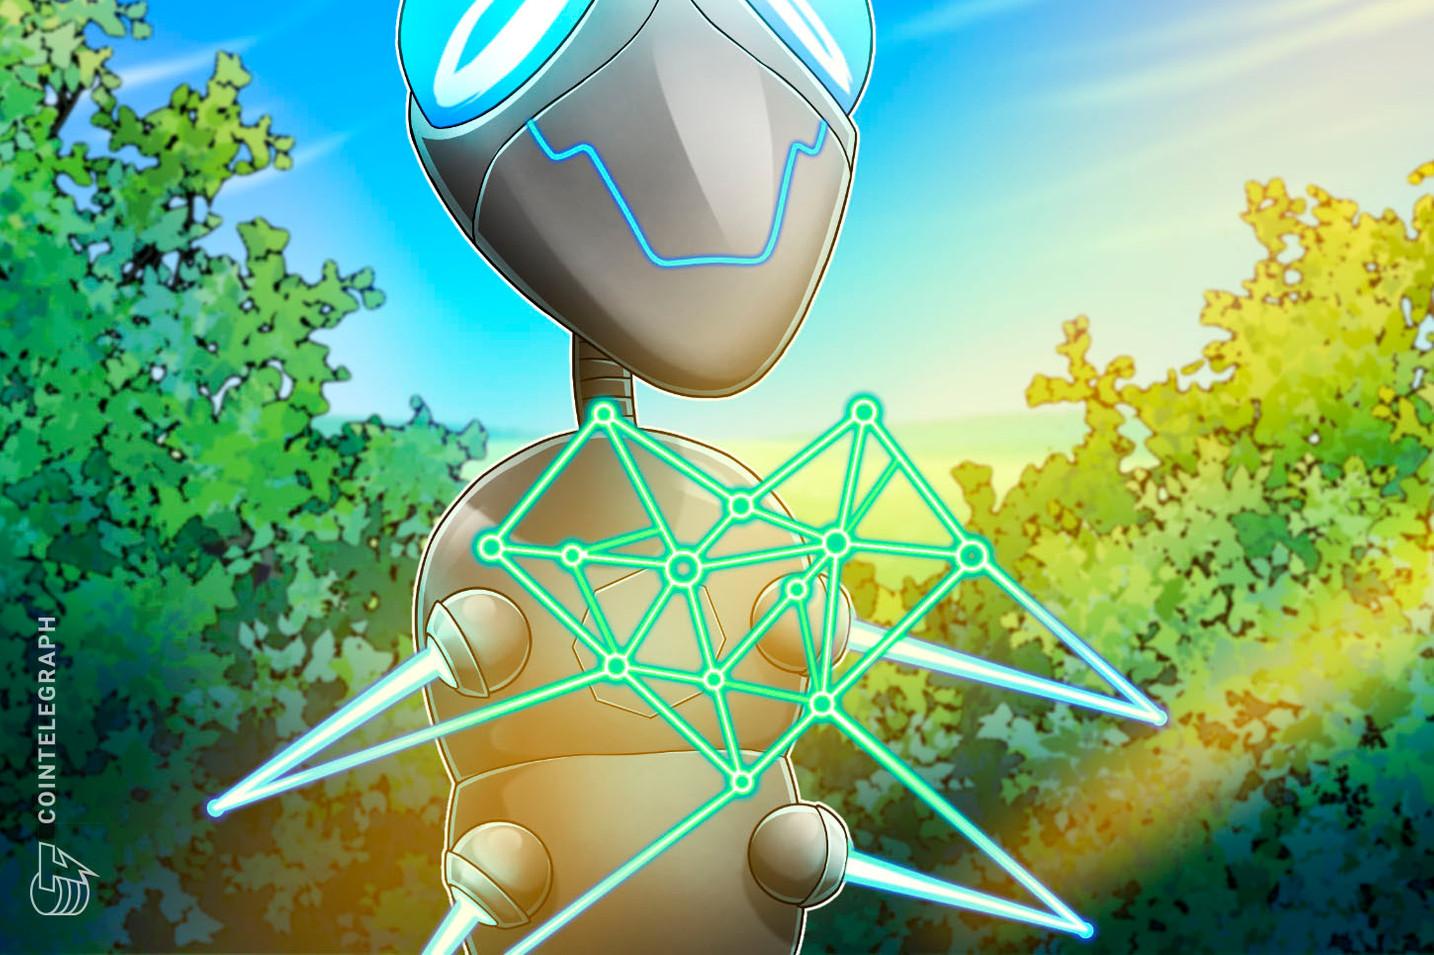 El uso de la tecnología blockchain debería ser más respetuoso con el medio ambiente